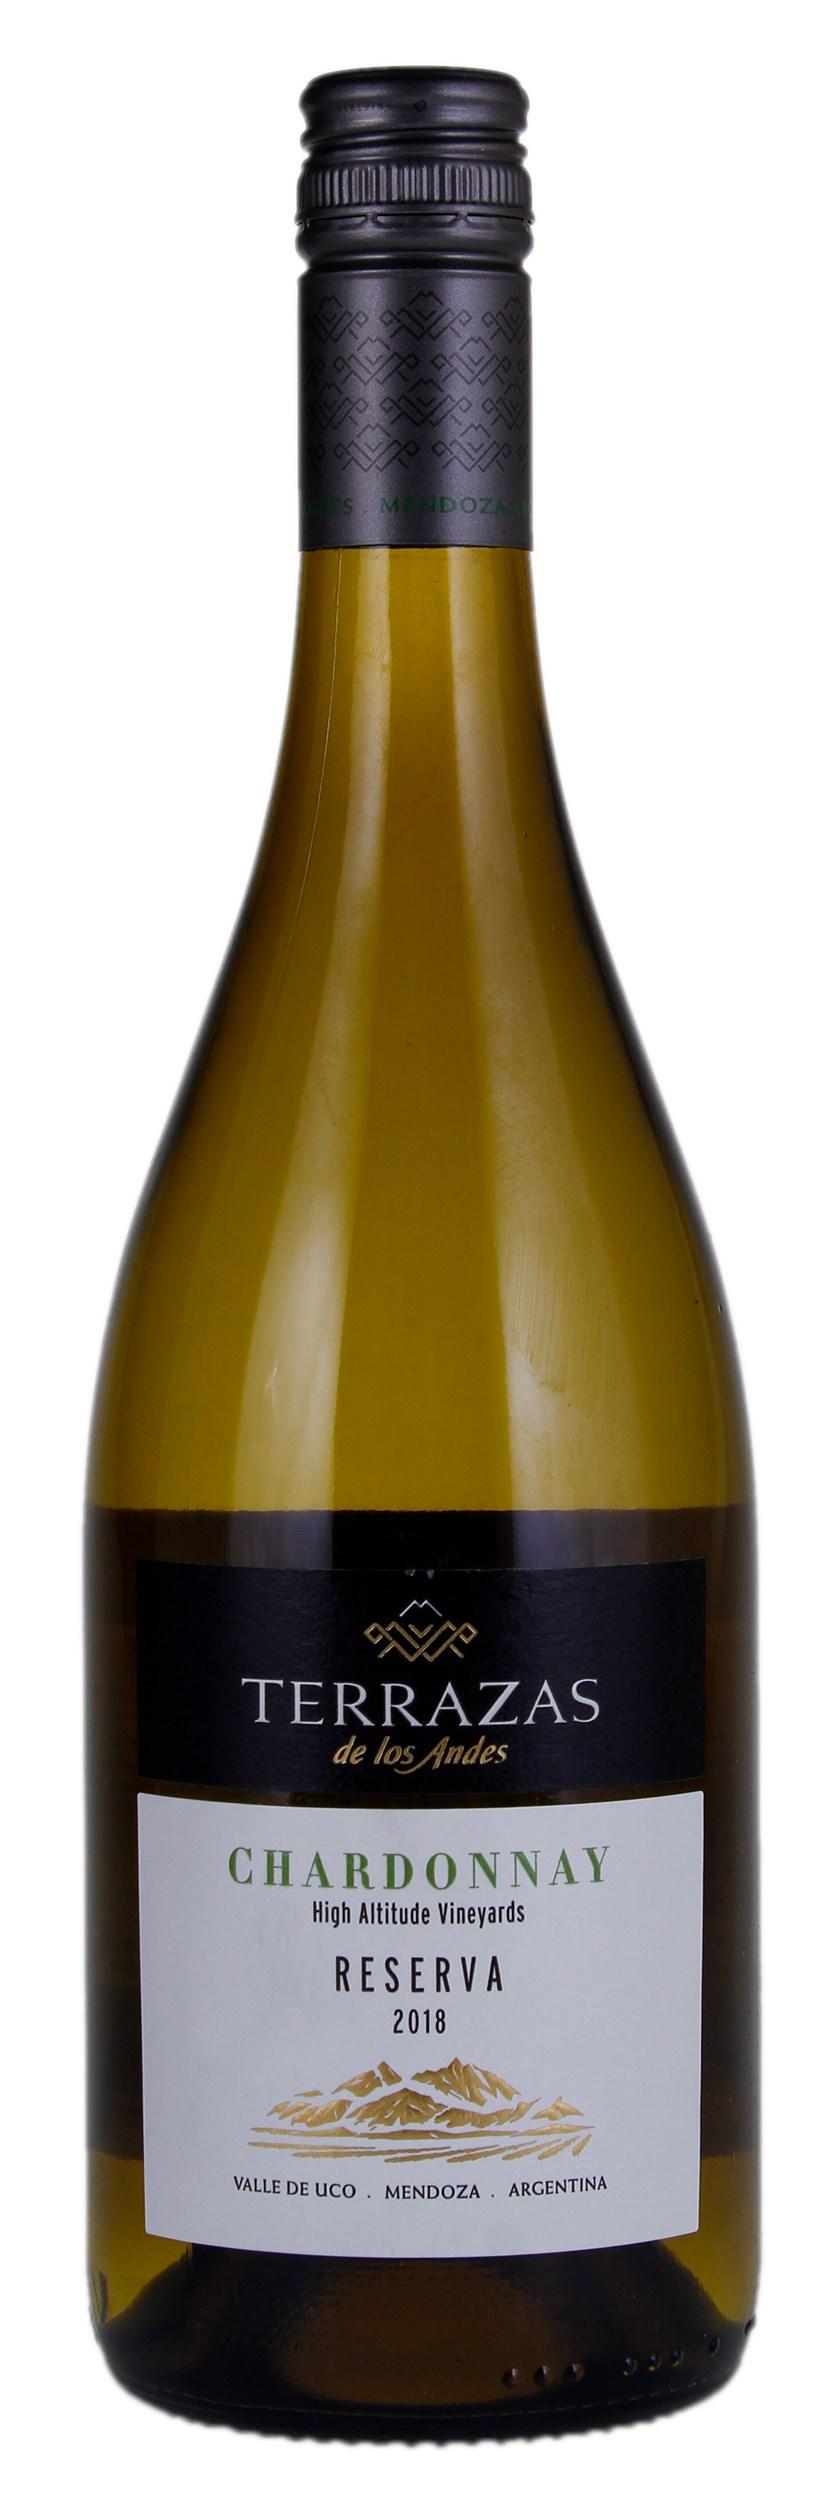 Terrazas De Los Andes Chardonnay Reserva Screwcap 2018